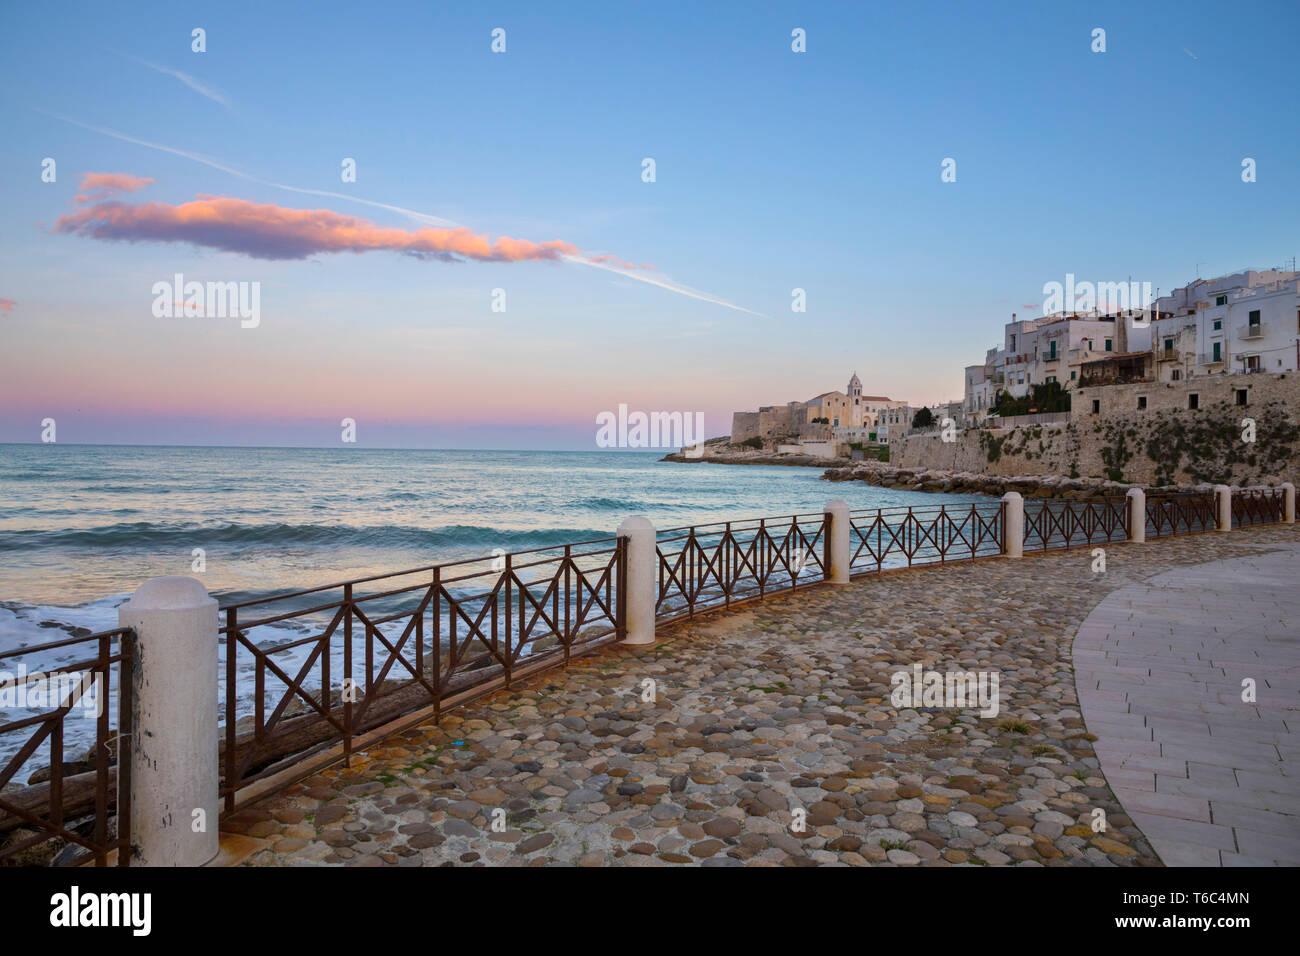 Italia, Apulia (Puglia), el mar Mediterráneo, Mar Adriático, la costa del Adriático, distrito de Foggia, Gargano, Promenade en Vieste al atardecer Imagen De Stock